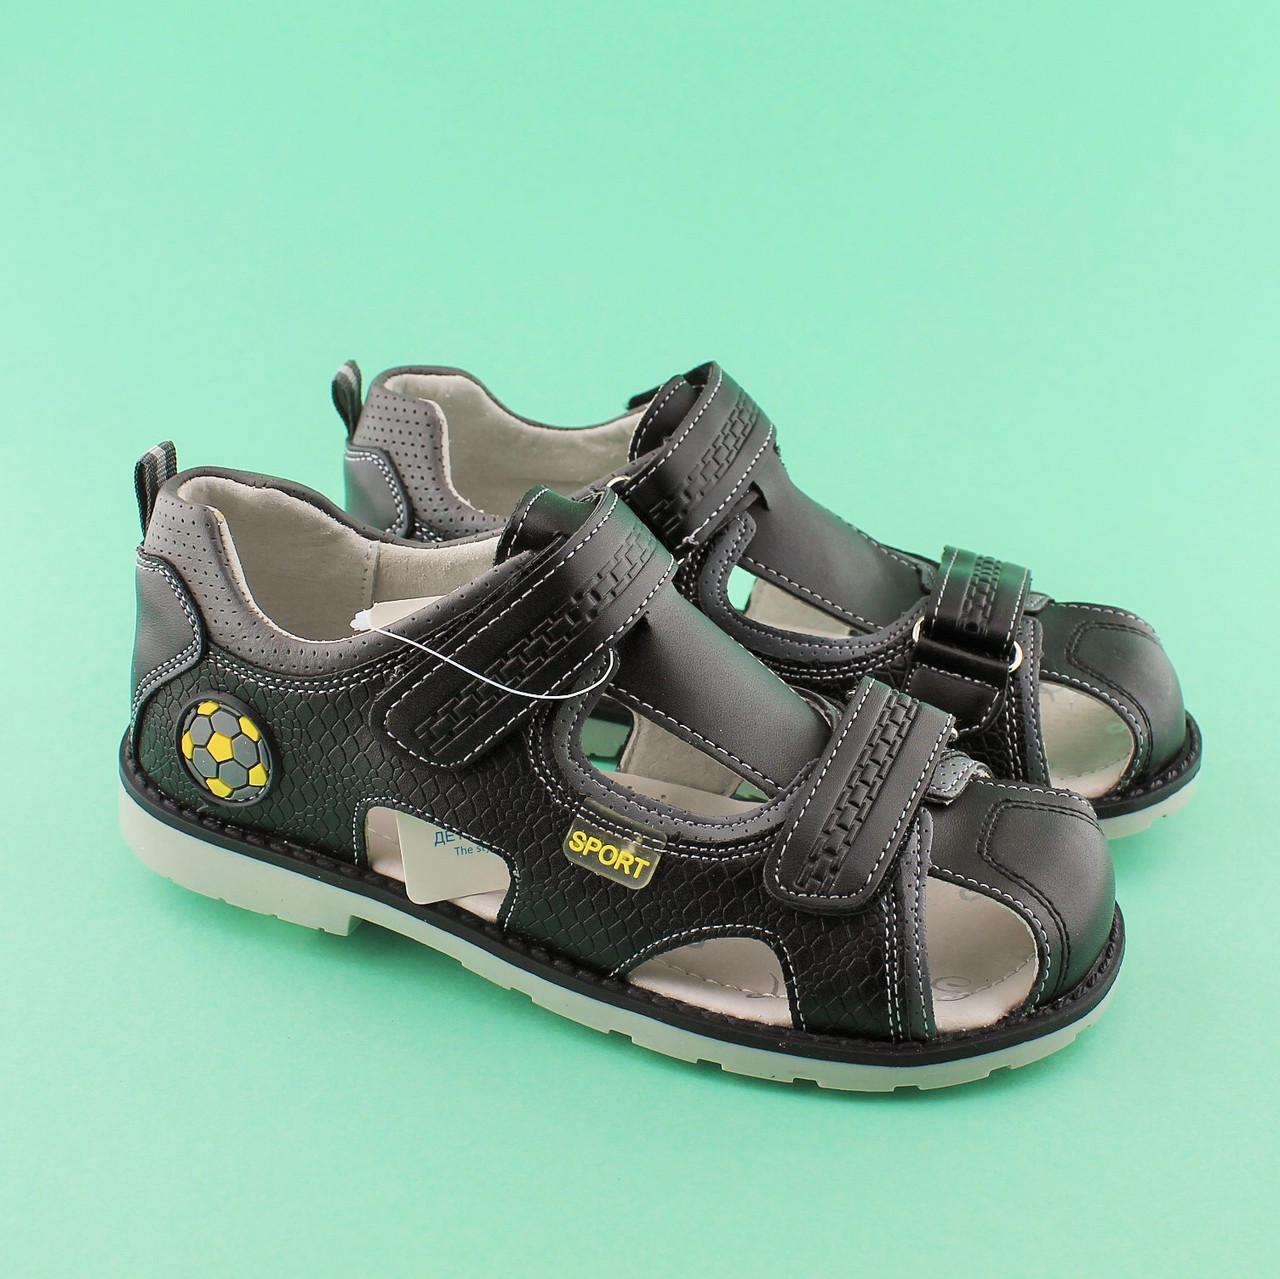 Босоножки на мальчика серия Ортопед тм TOMM размеры 36 - Style-Baby детский  магазин в cac383ed0505b